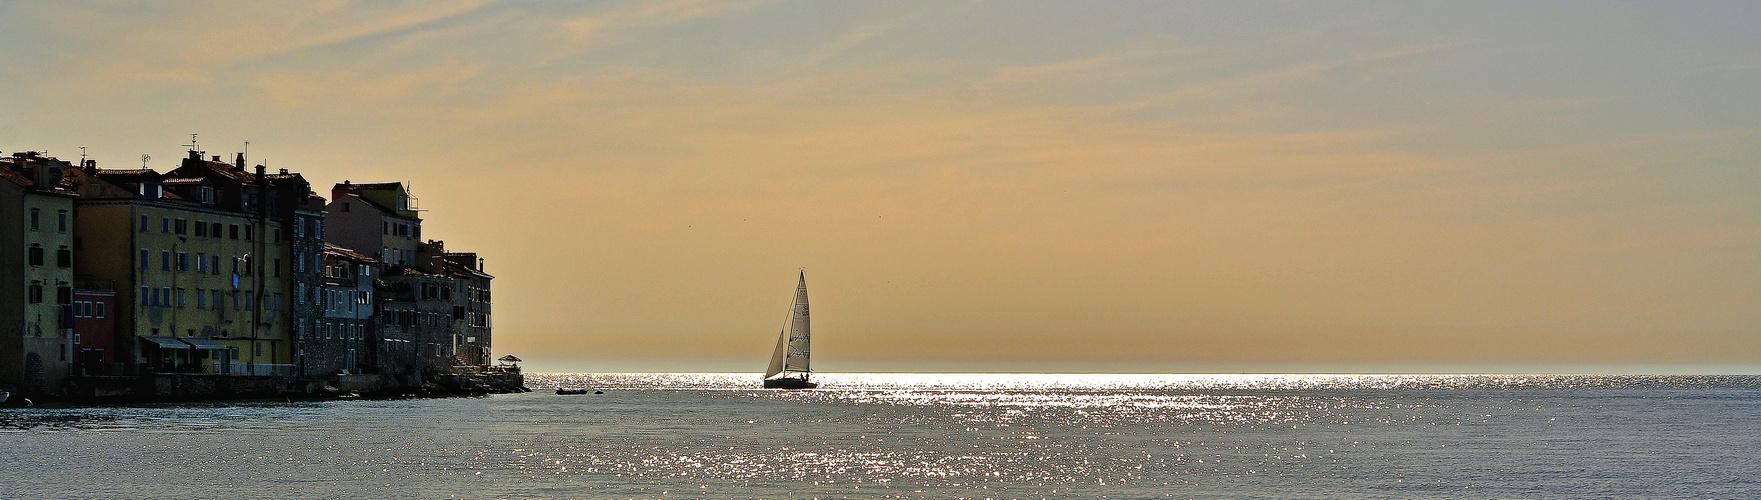 I am sailing!